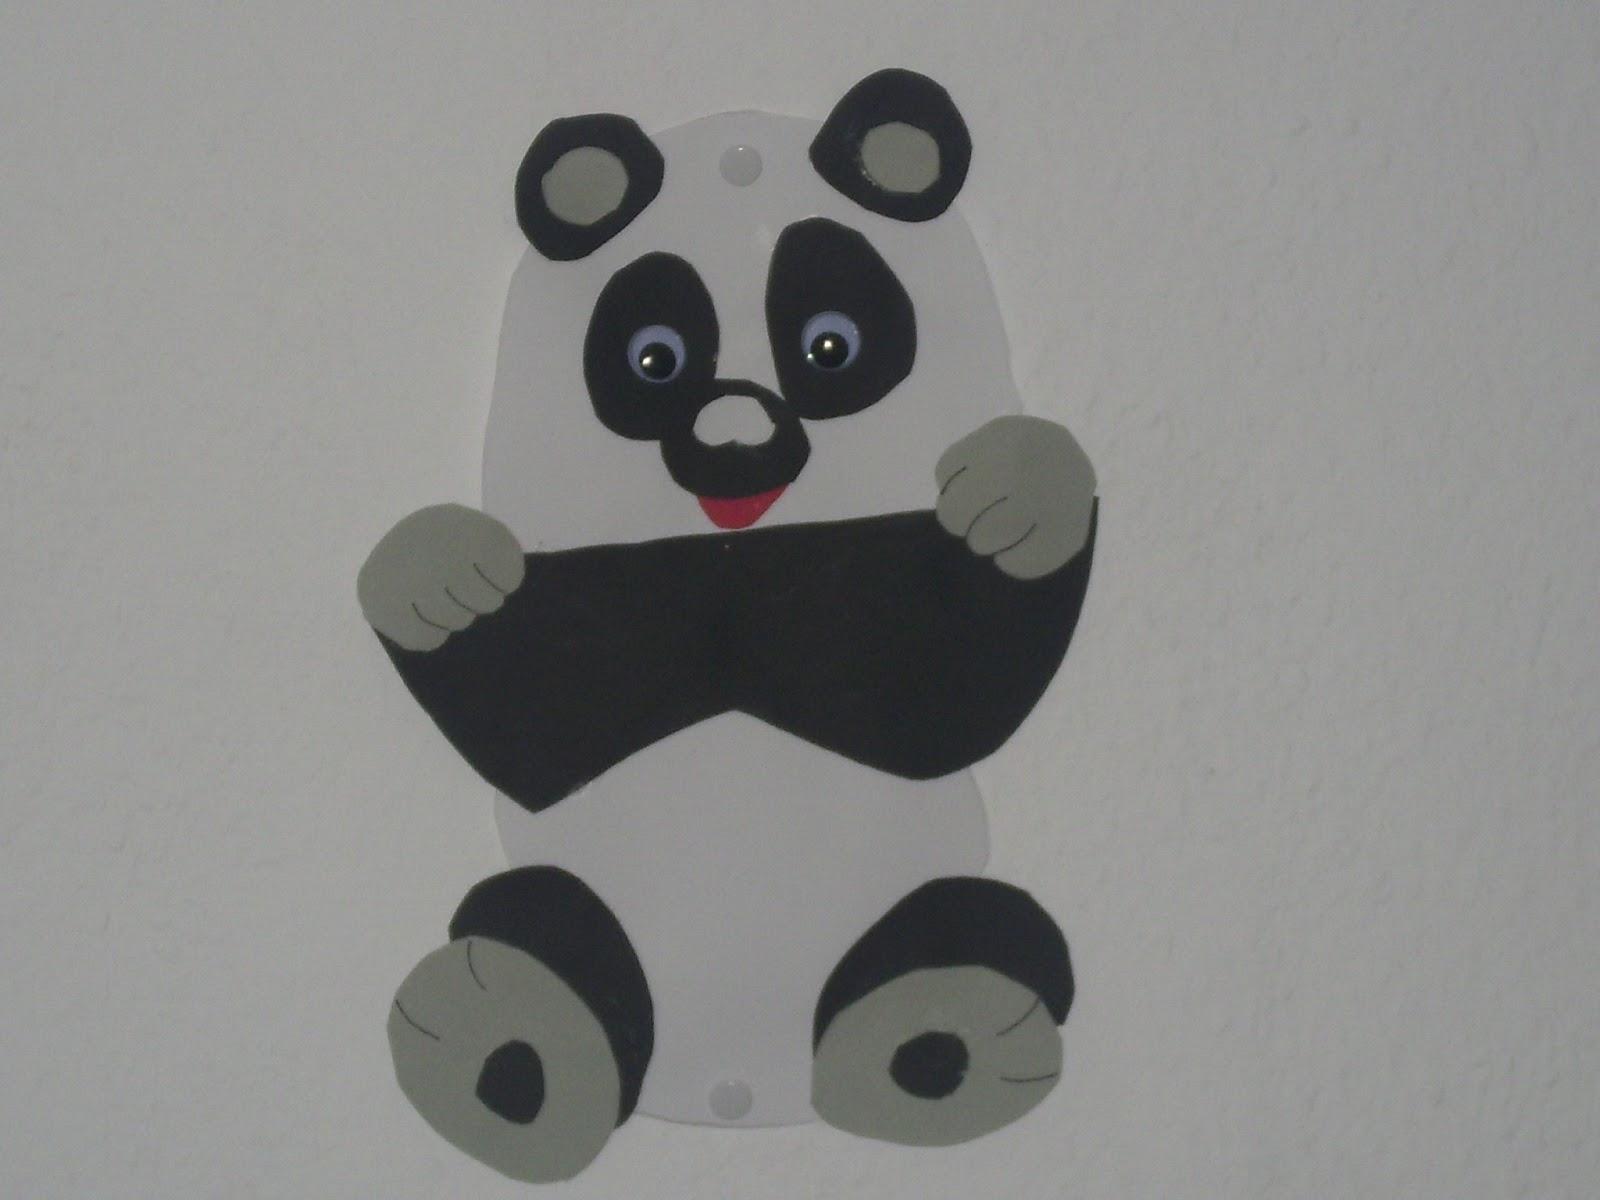 Vielfalt oma erzählt: wanddeko aus tonpapier fürs kinderzimmer